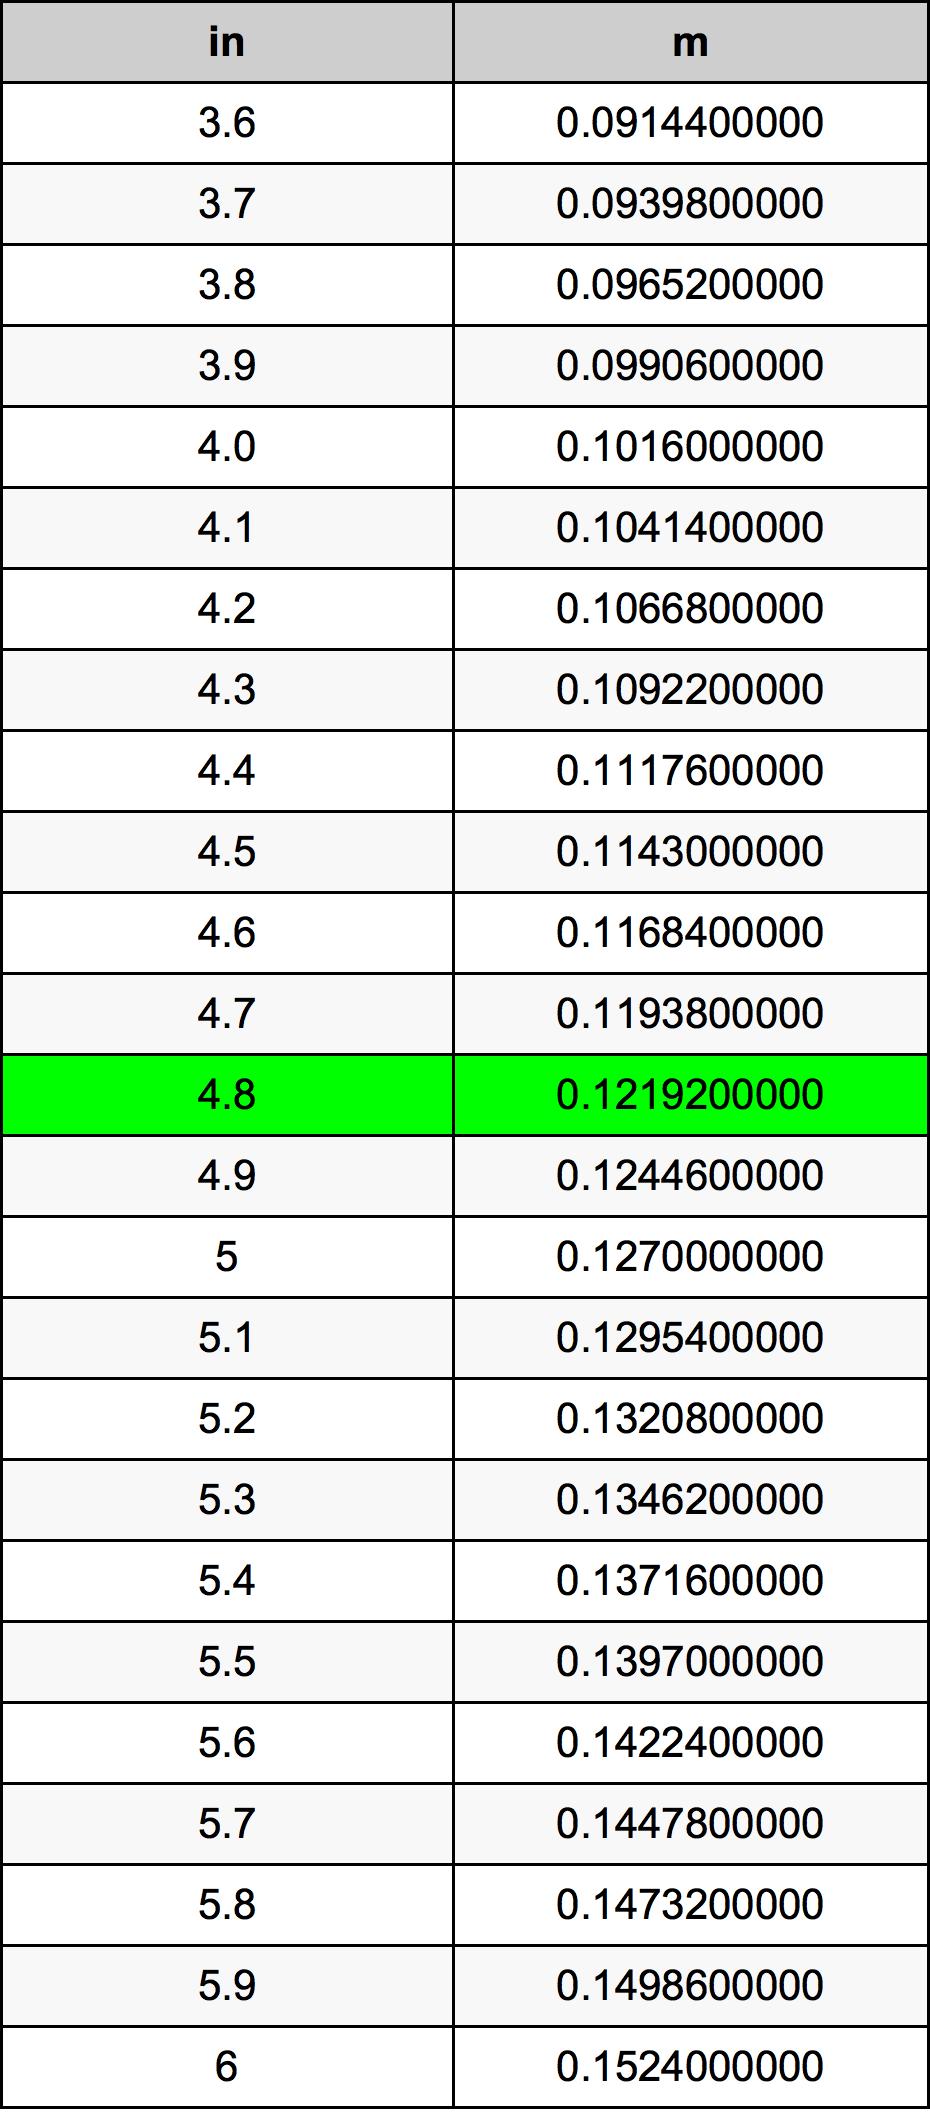 4.8 ίντσα Πίνακας Μετατροπής